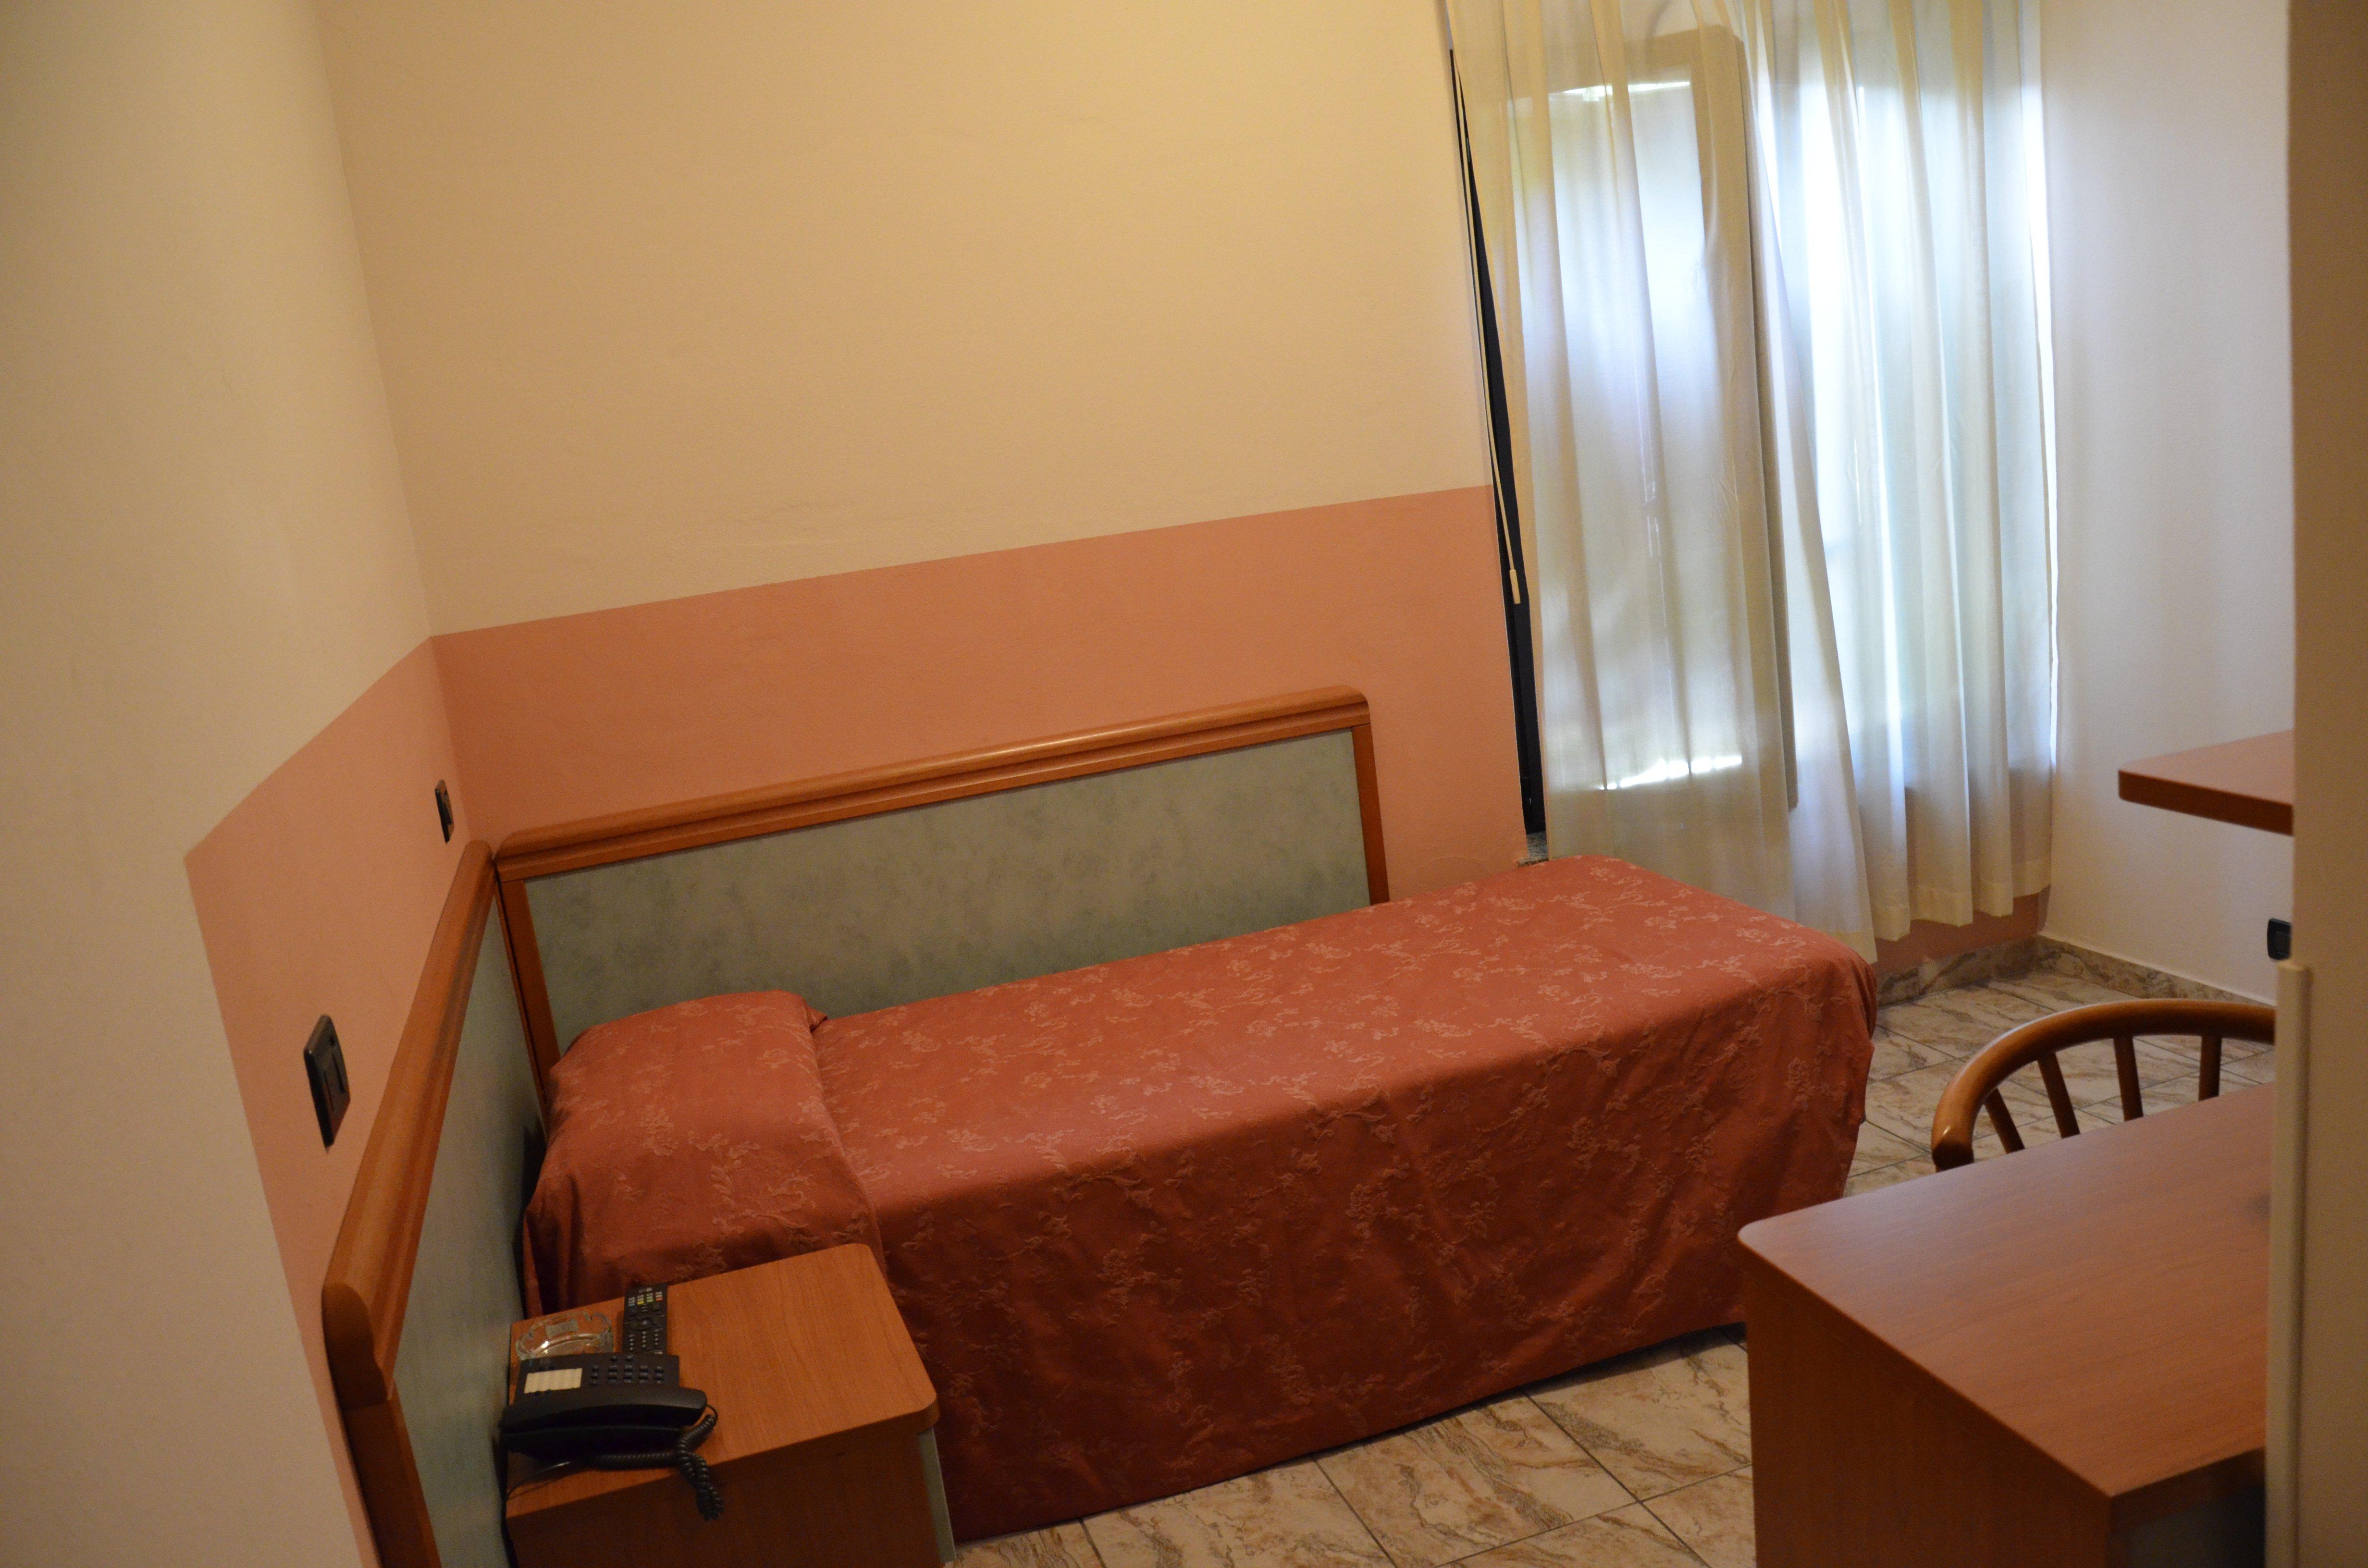 interno di una camera d'albergo